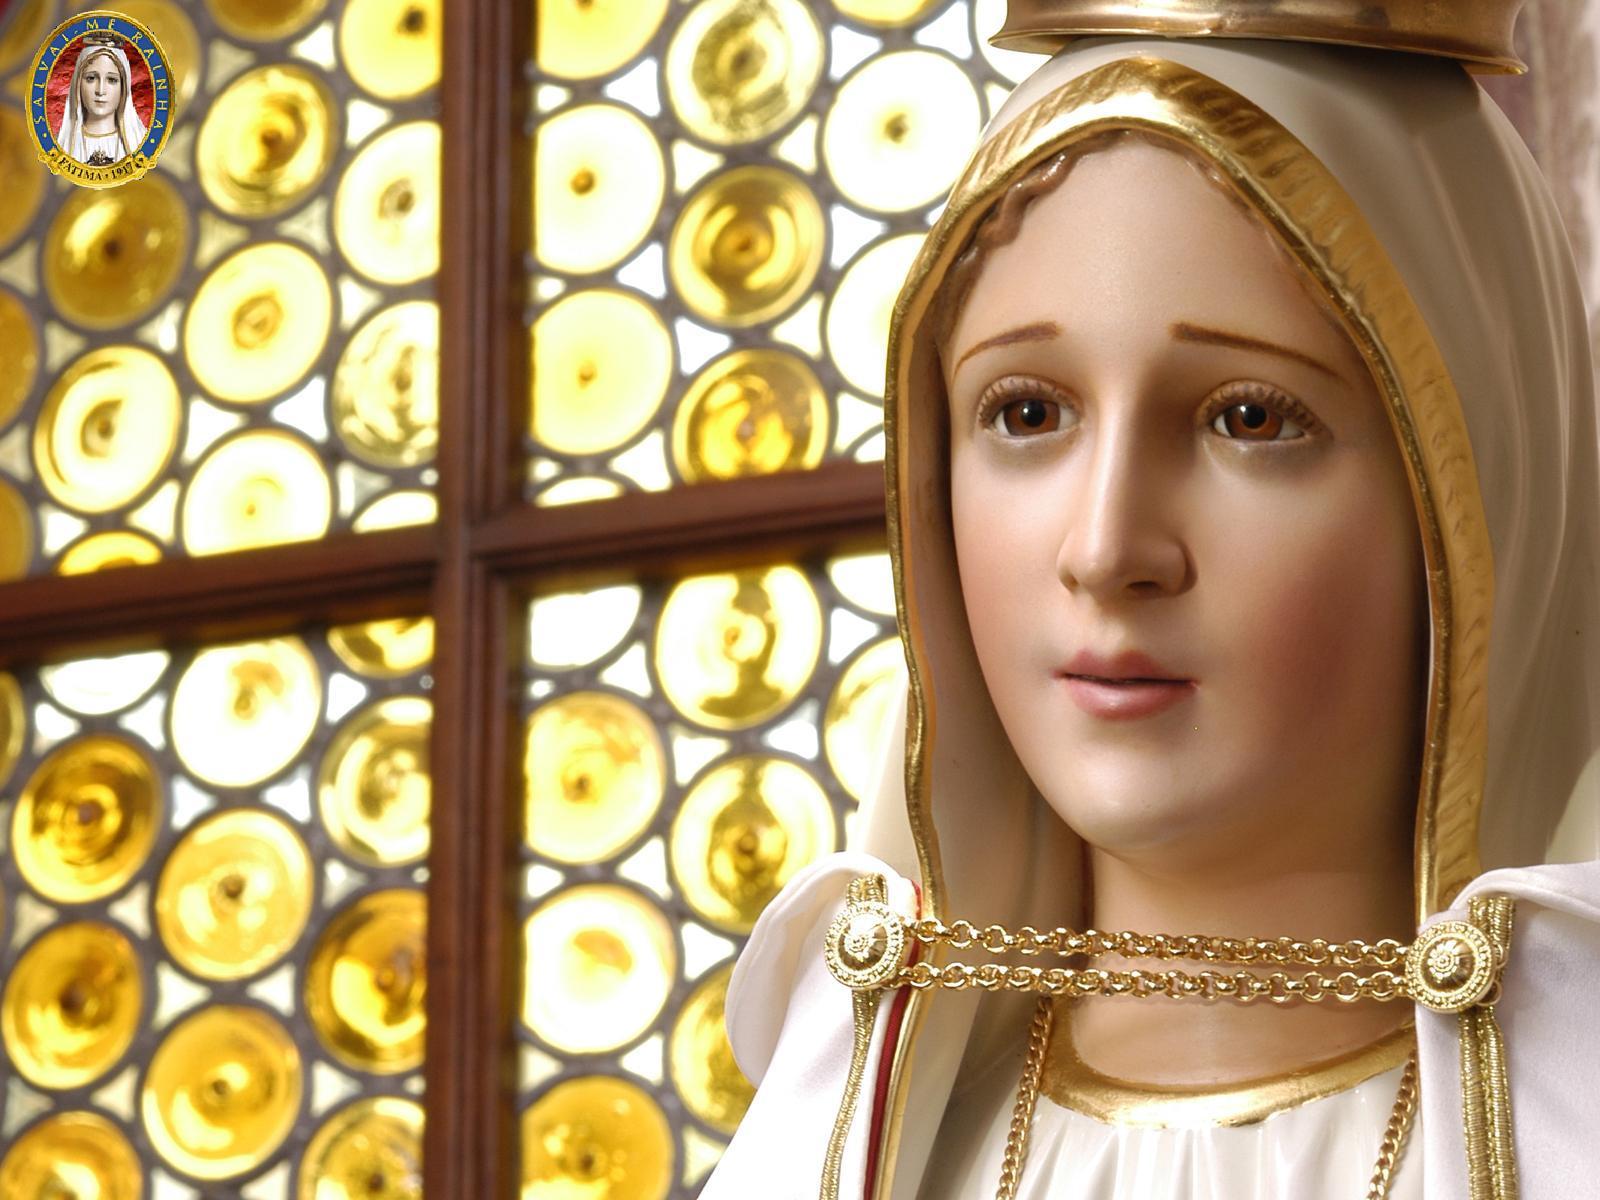 Sor Lucía de Fátima: un Siglo en el Centro de la Atención sobre las Profecías del Futuro